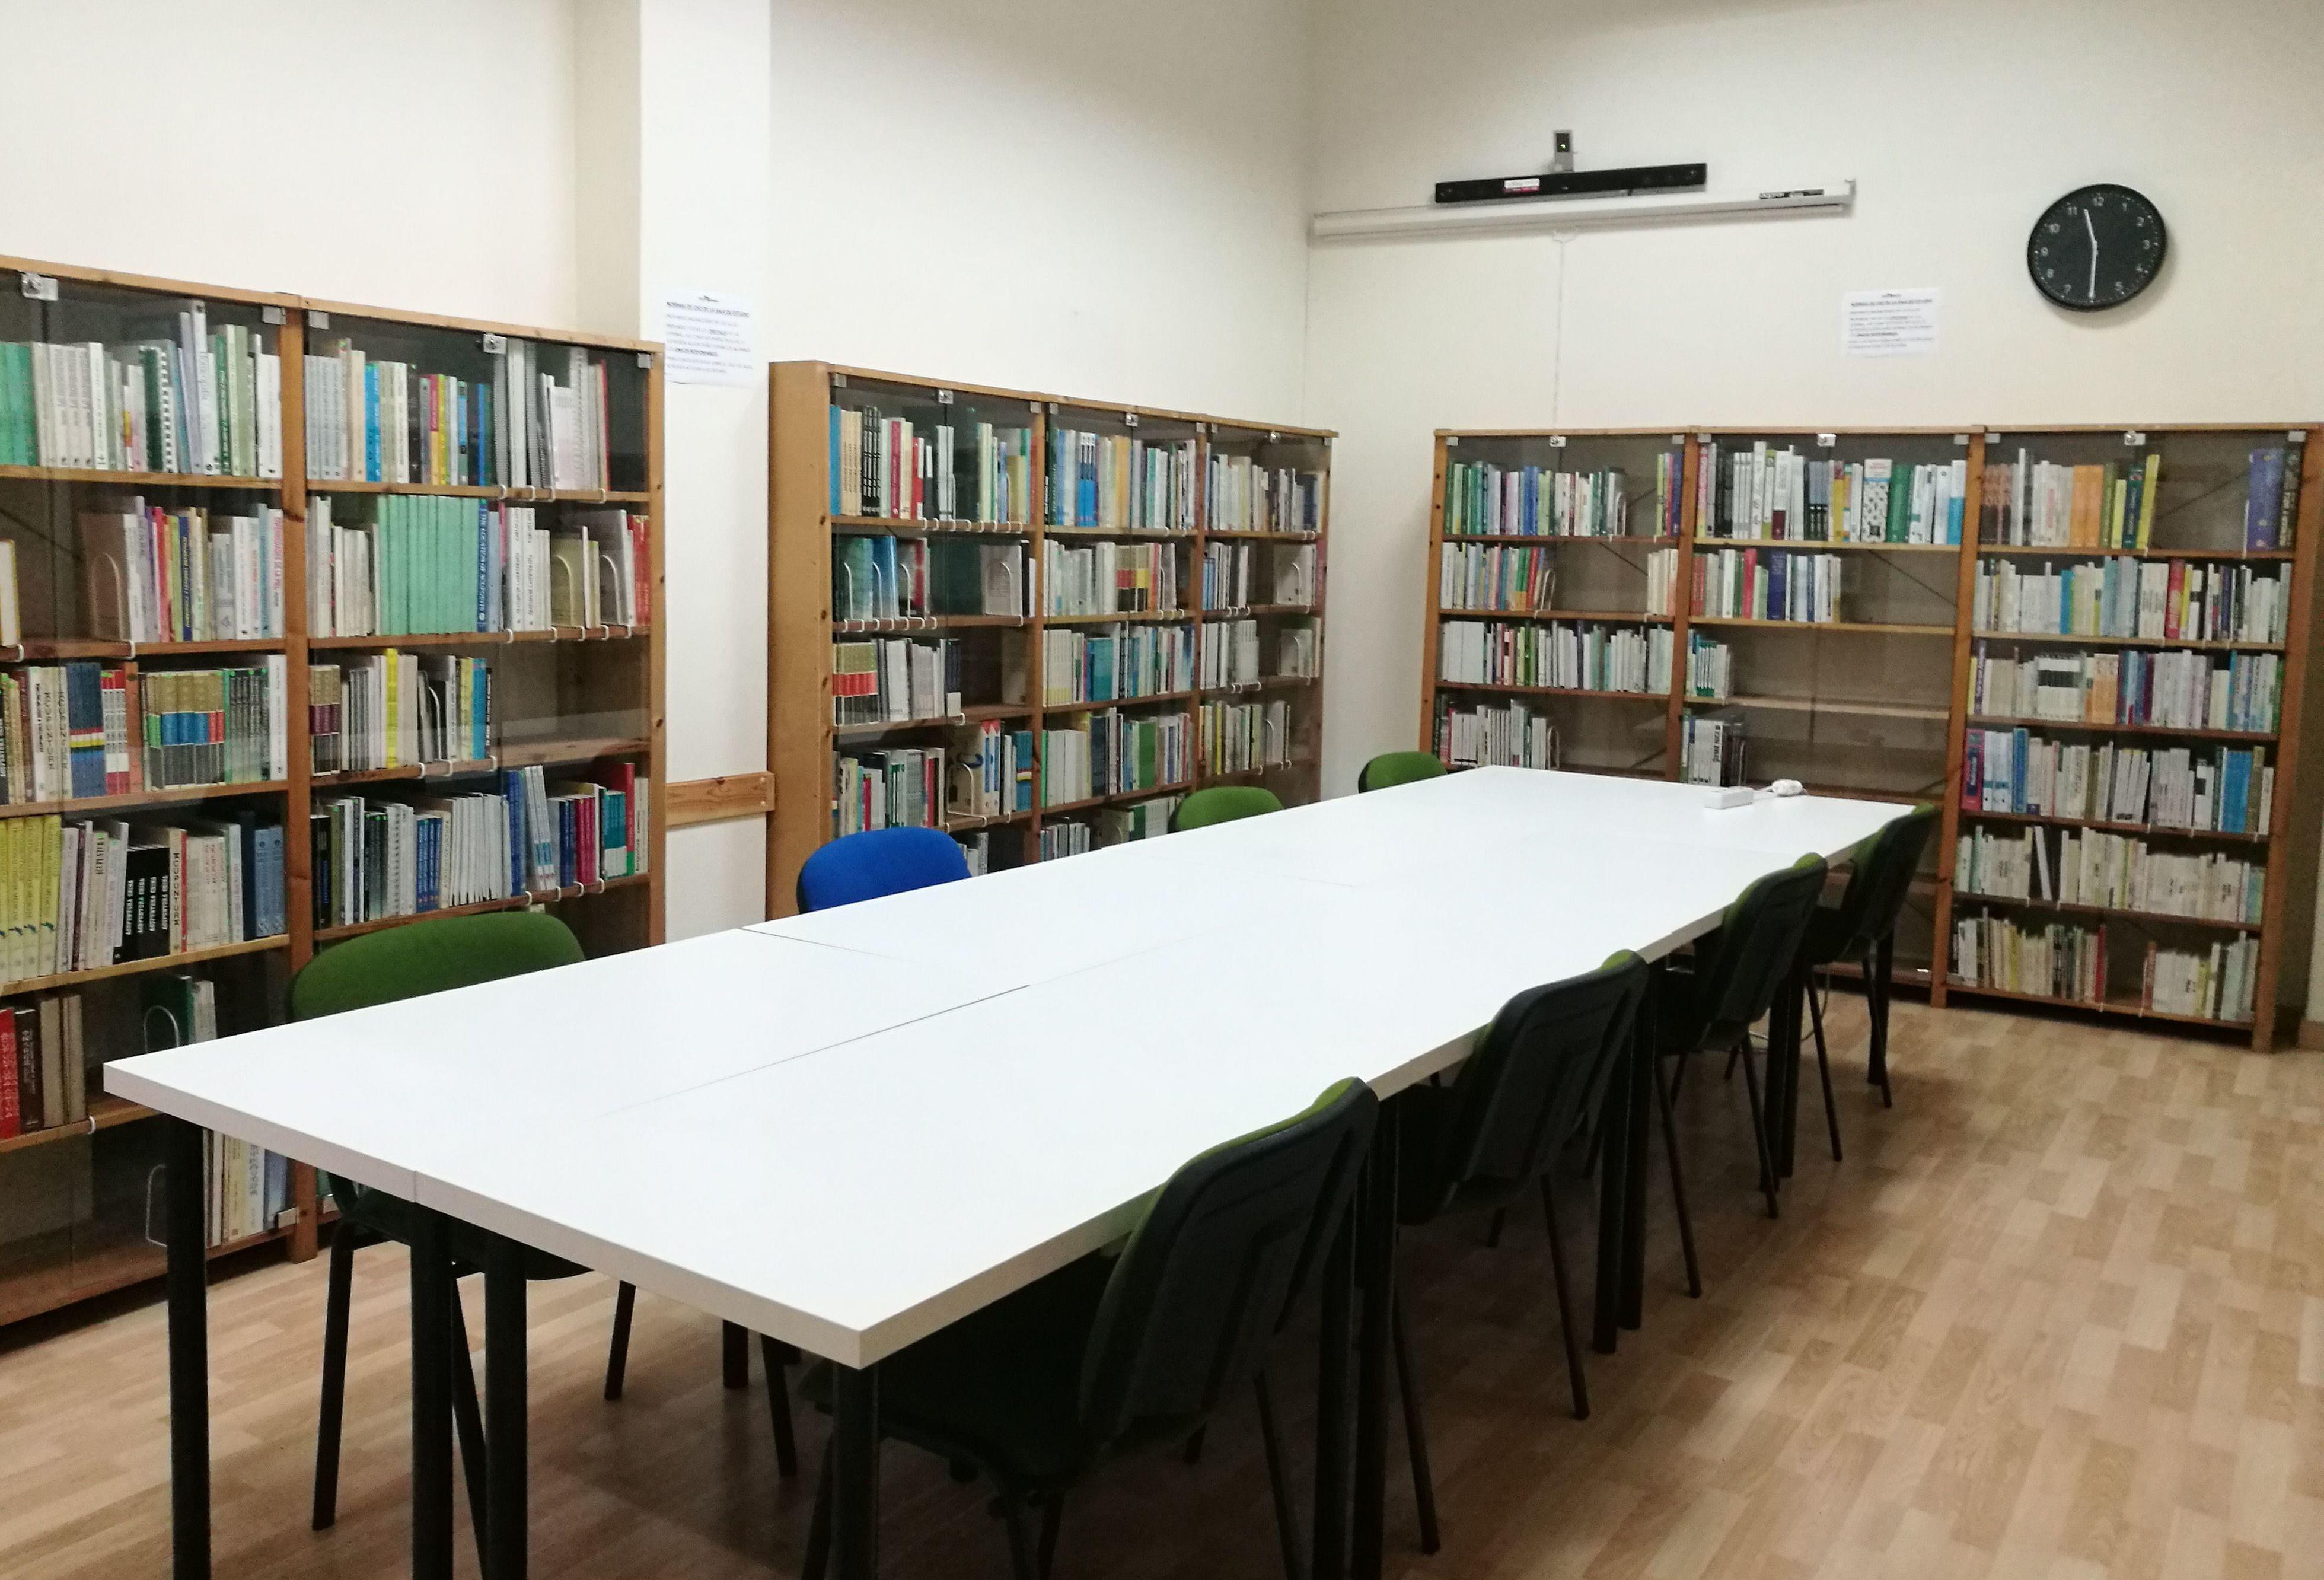 Foto 22 de Academias y centros de estudios diversos en San Cristóbal de La Laguna | CENTRO SUPERIOR DE ESTUDIOS ACUCANARIAS